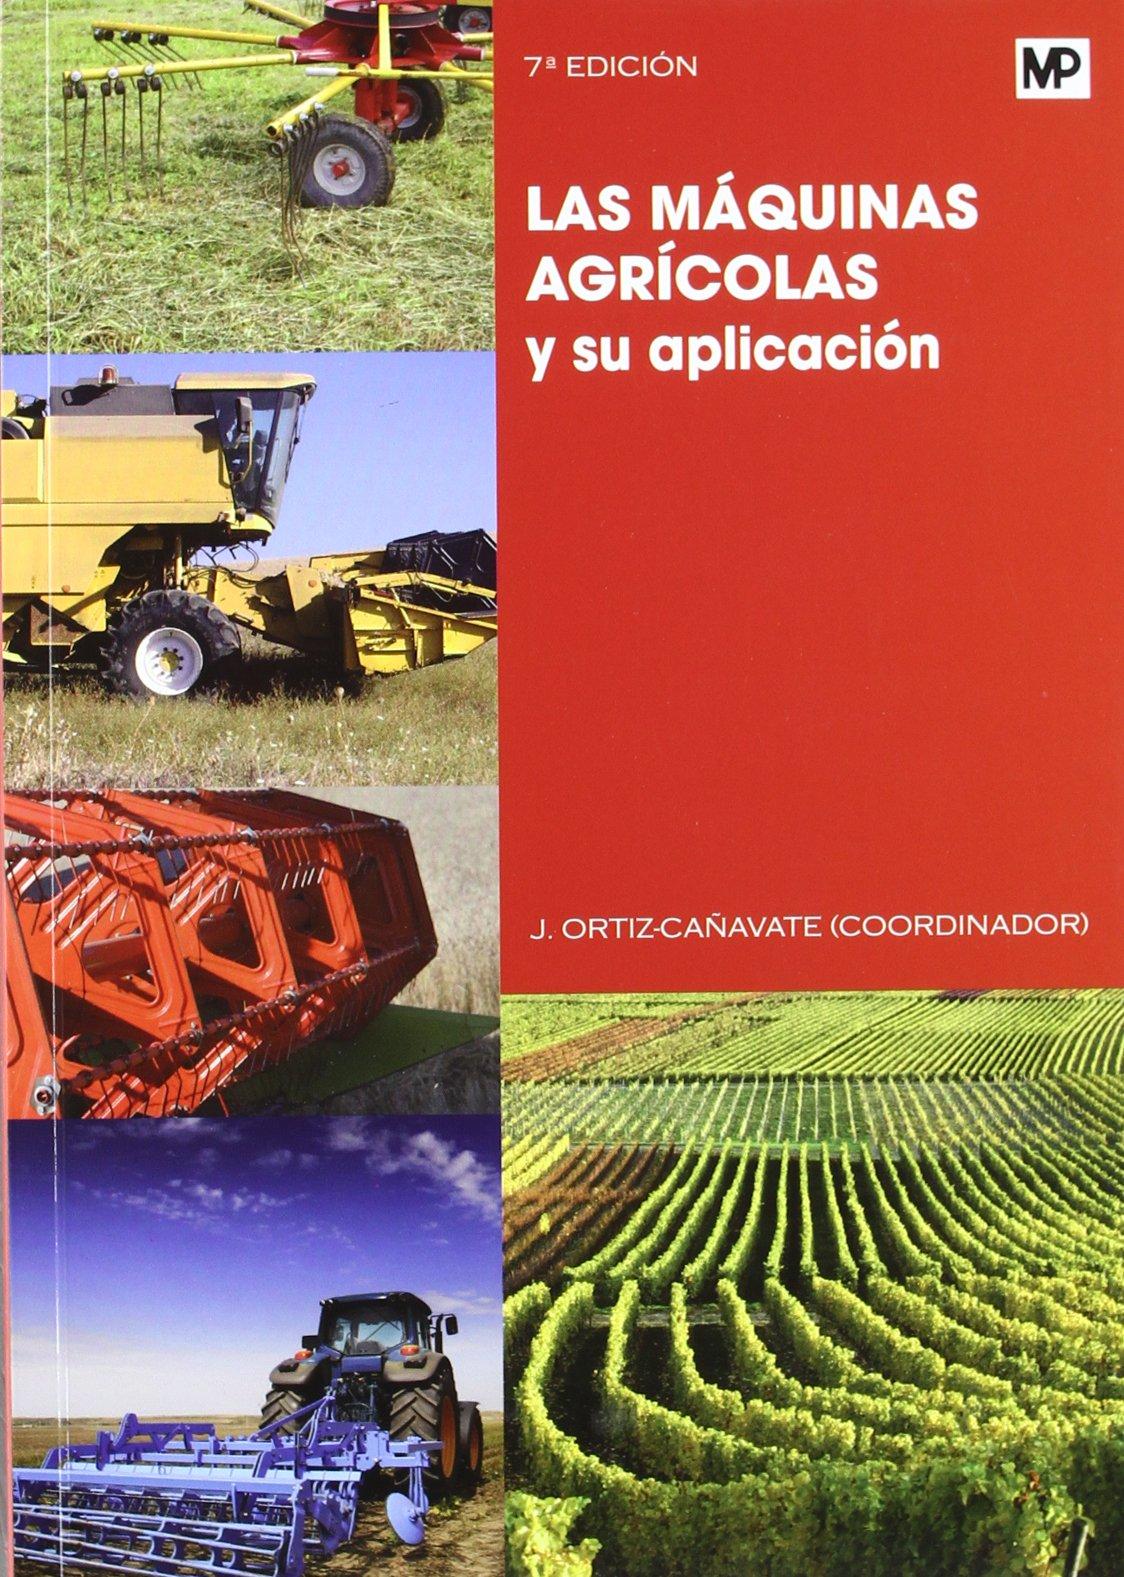 Las máquinas agrícolas y su aplicación Maquinaria Agrícola: Amazon.es: BARREIRO ELORZA, PILAR, DIEZMA IGLESIAS, BELEN, GARCIA RAMOS, FRANCISCO JAVIER, GIL SIERRA, JACINTO, MOYA GONZALEZ, ADOLFO, ORTIZ-CAÑAVATE PUIG-MAURI, JAIME, ORTIZ SANCHEZ, CORAL, RUIZ